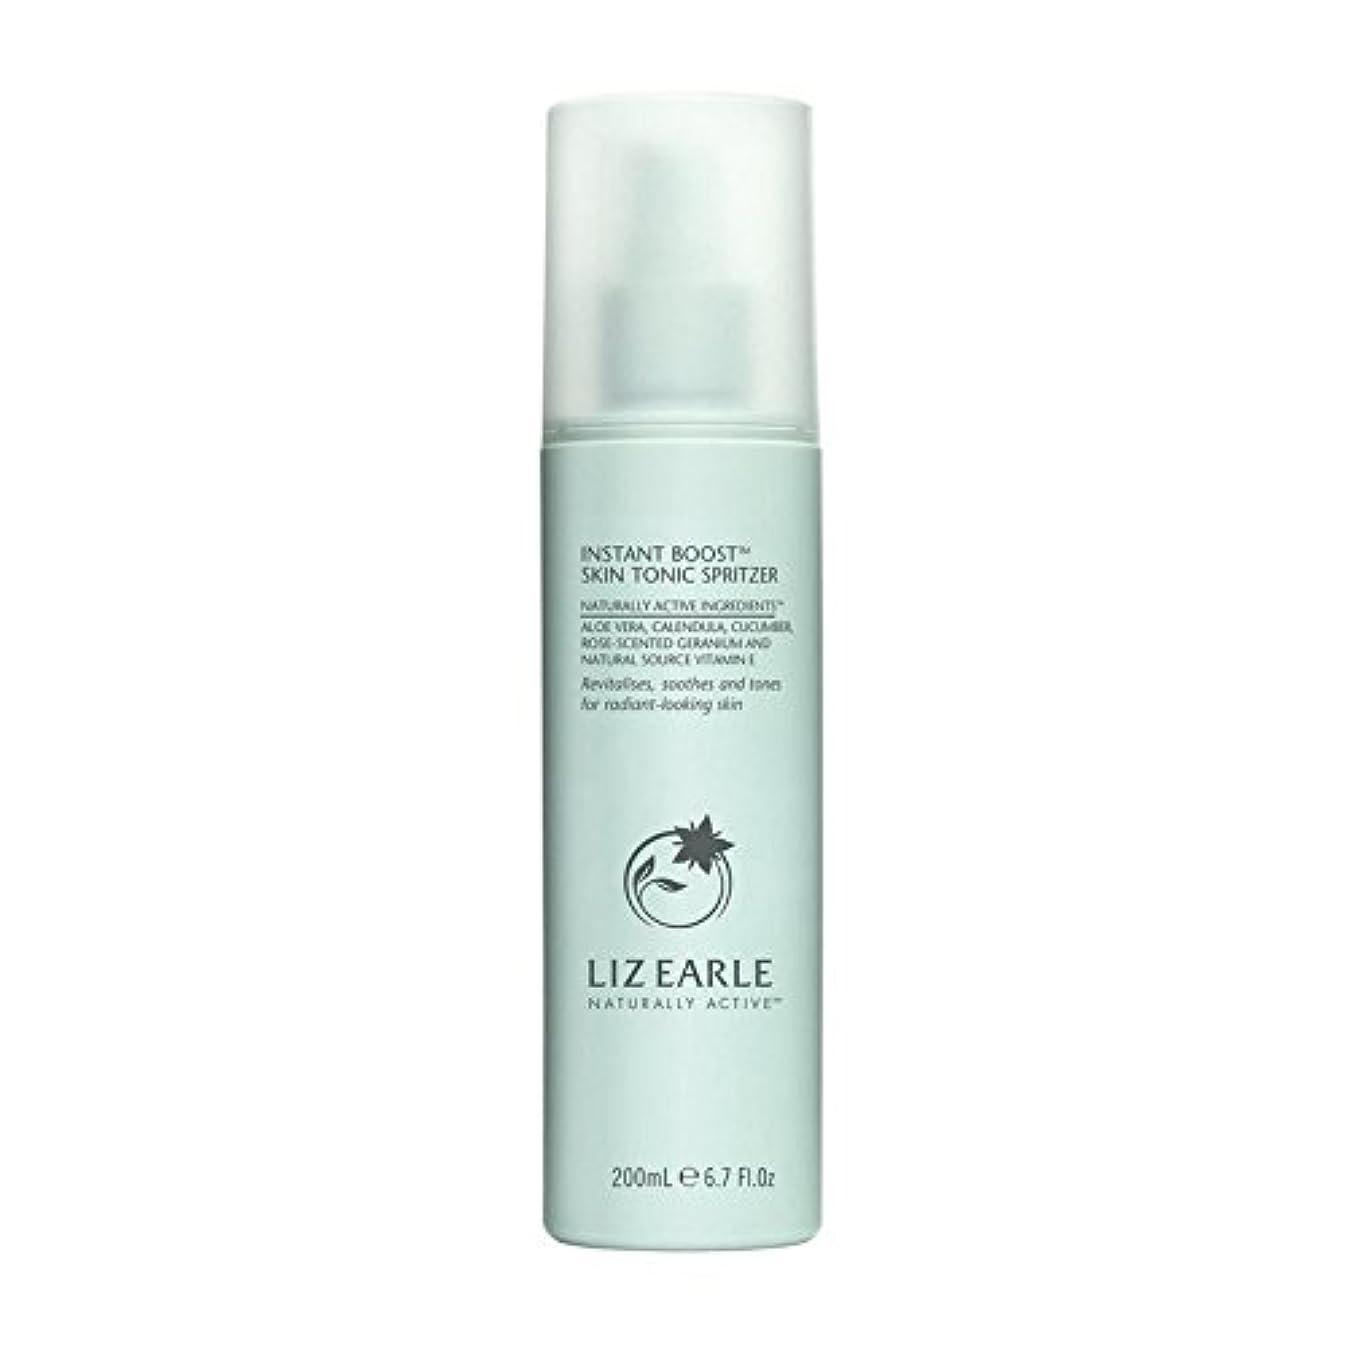 ヘッドレスペグ続編Liz Earle Instant Boost Skin Tonic Spritzer 200ml - リズアールインスタントブーストスキントニックスプリッツァーの200ミリリットル [並行輸入品]